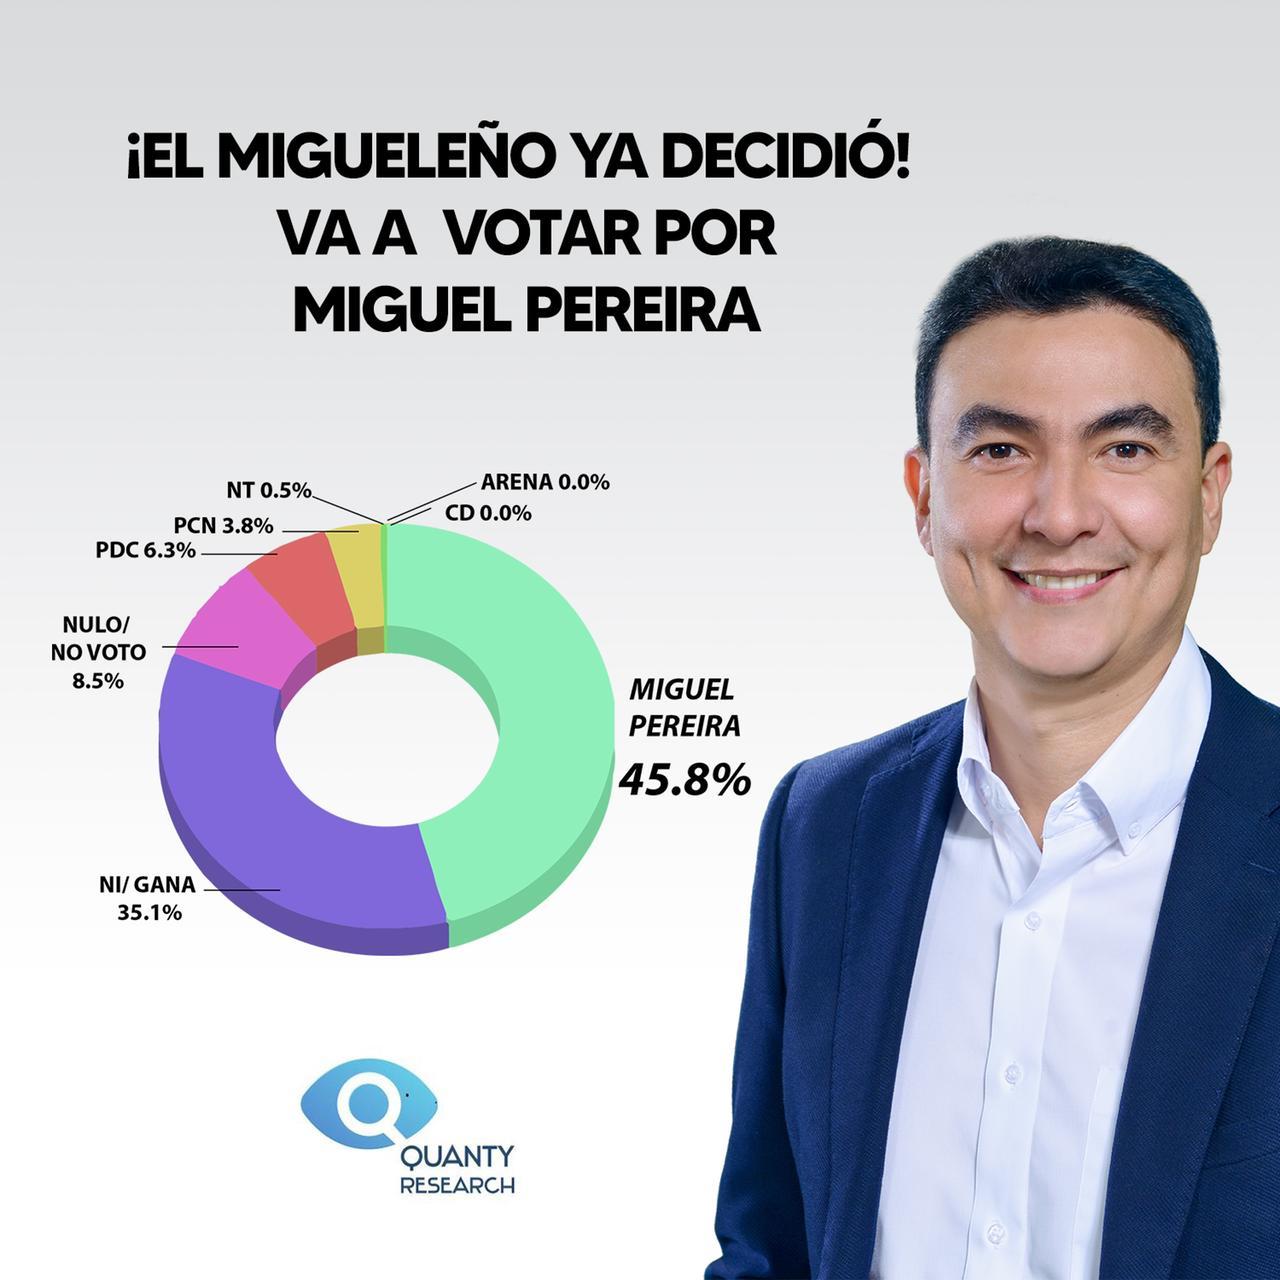 EL MIGUELEÑO YA DECIDIÓ. VA A VOTAR POR MIGUEL PEREIRA.